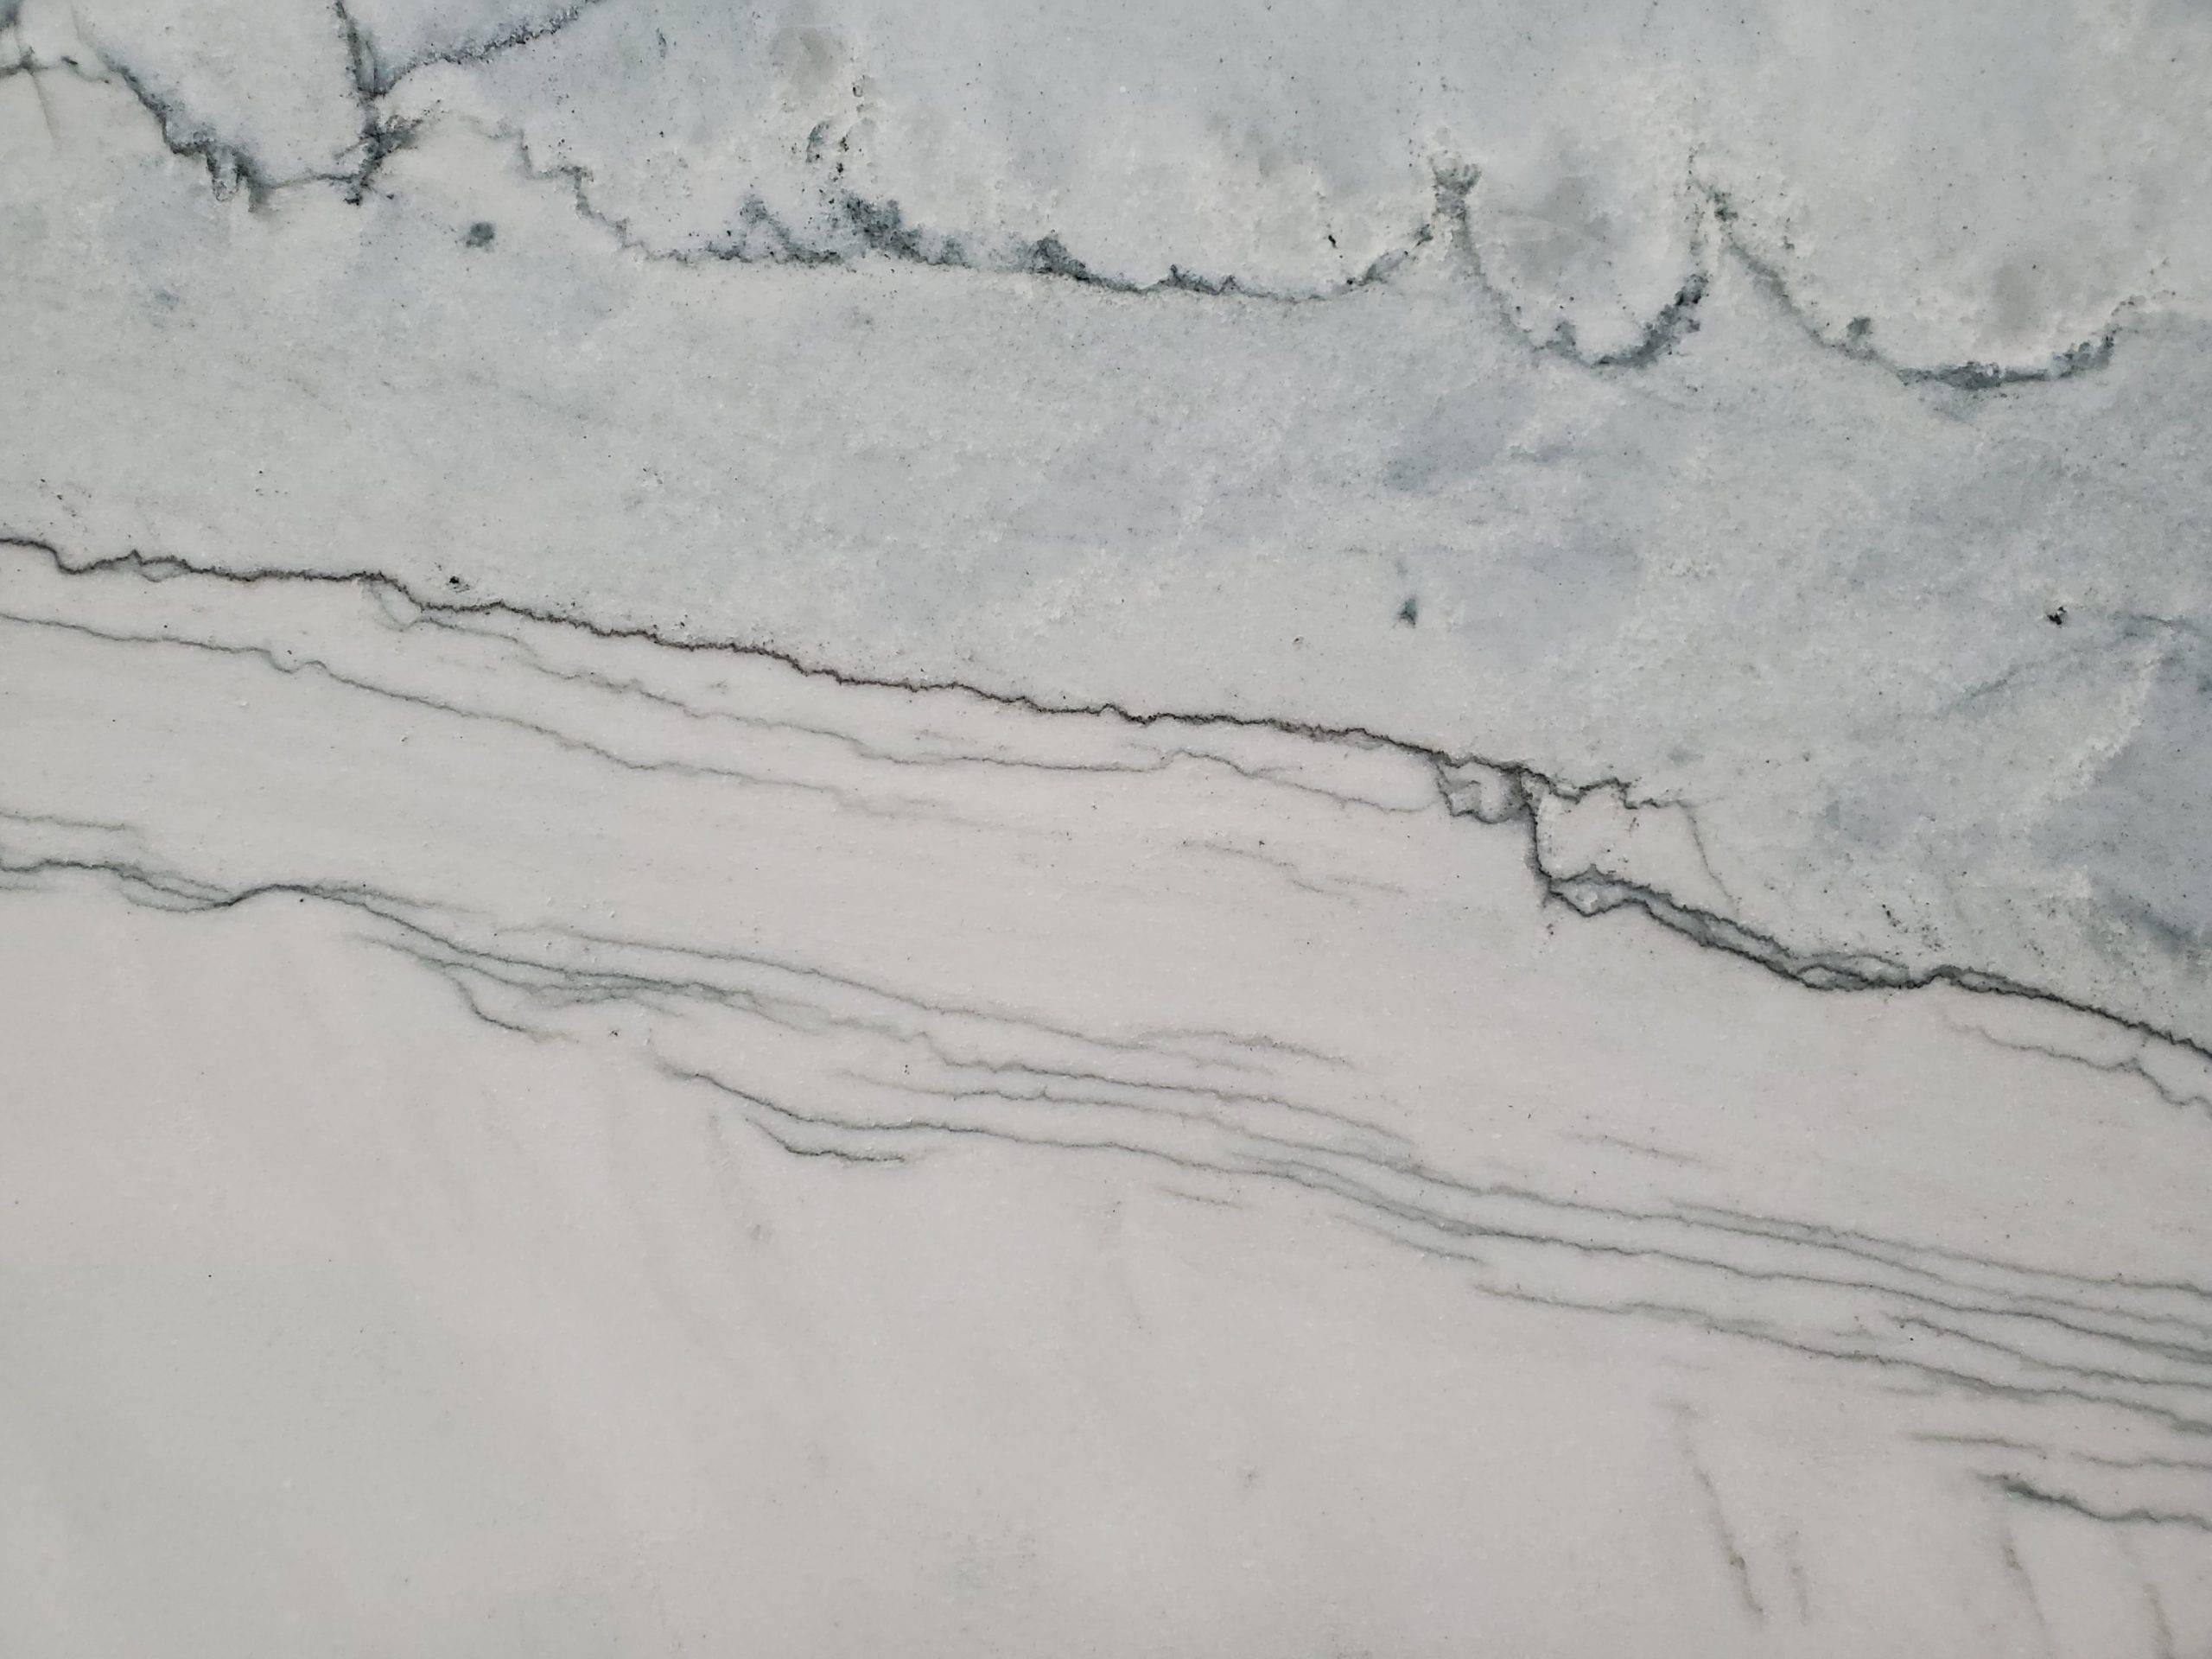 Eiger Alpsquartzite Close Up Scaled 1, Primestones® Granite, Quartz, Marble